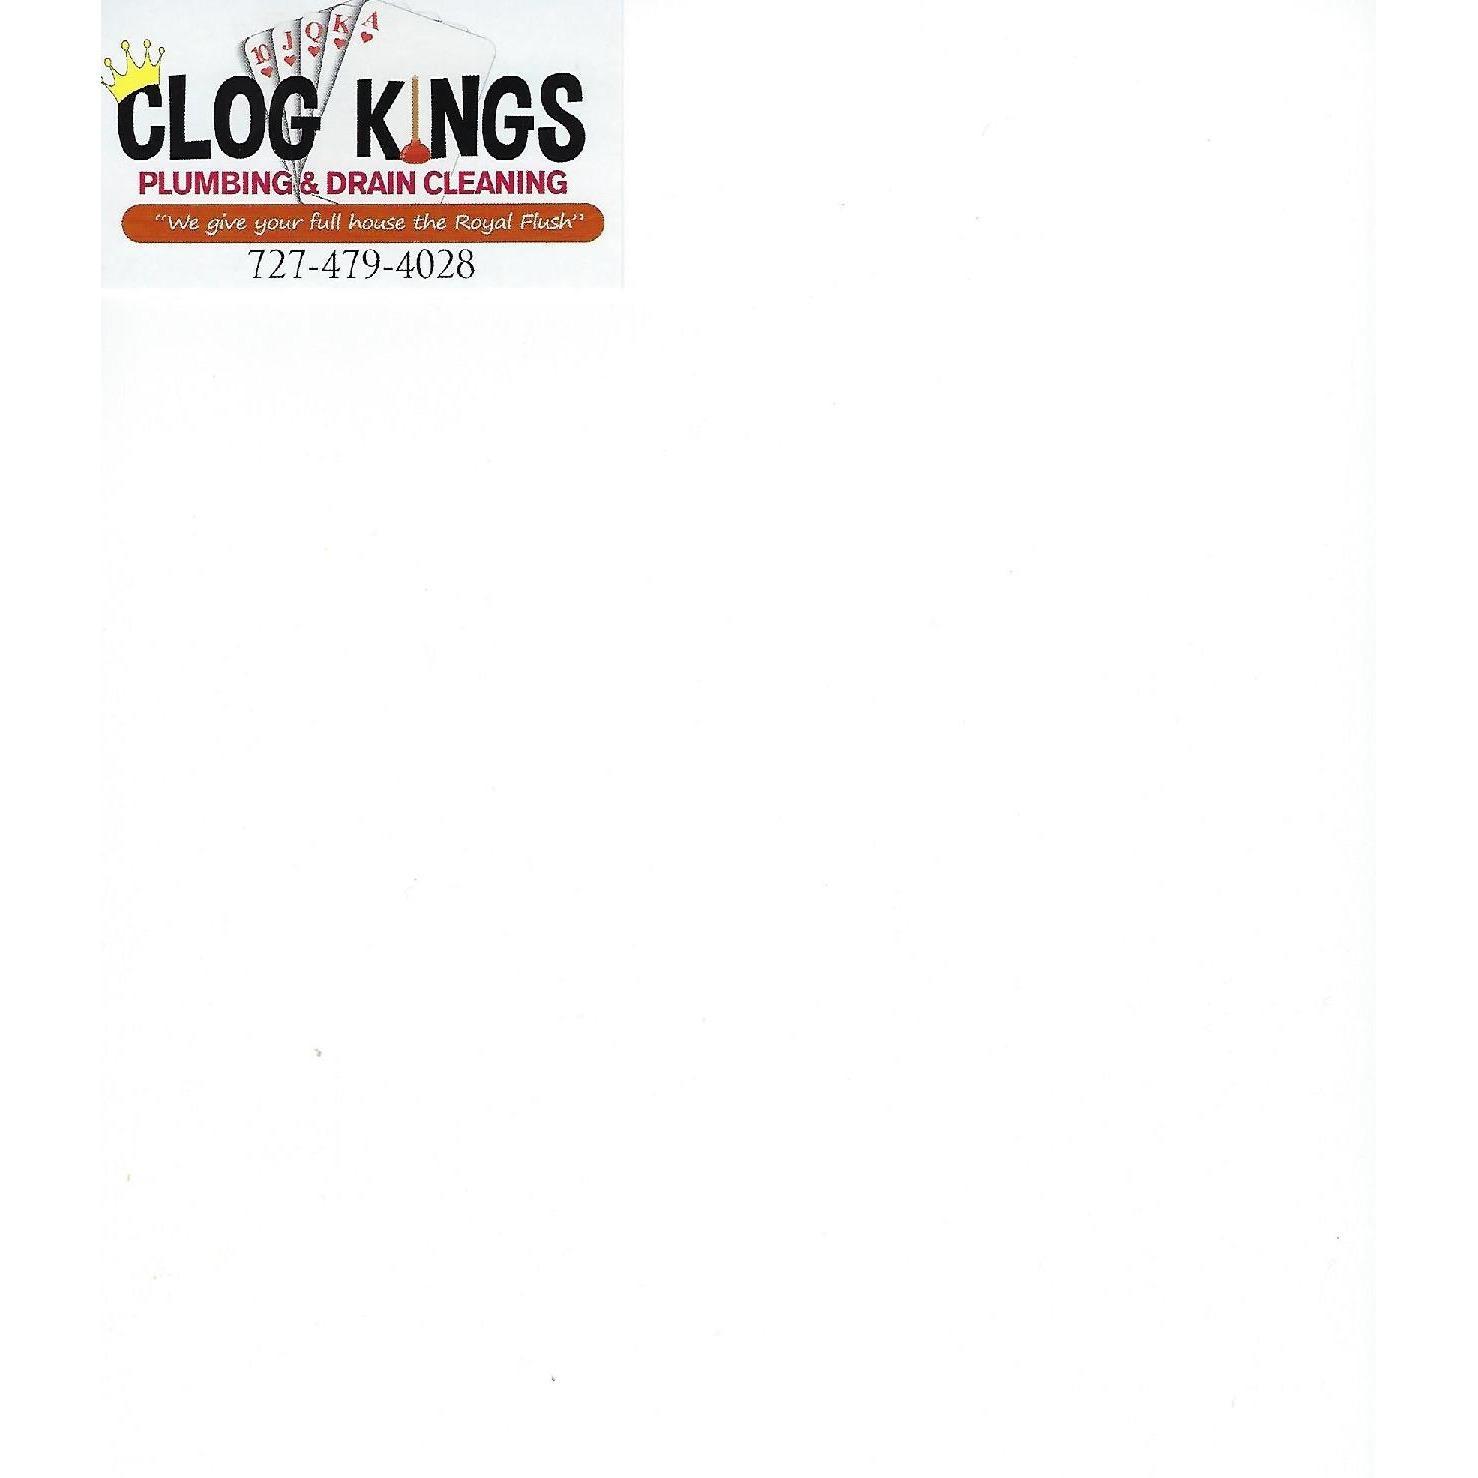 Clog  Kings, LLC